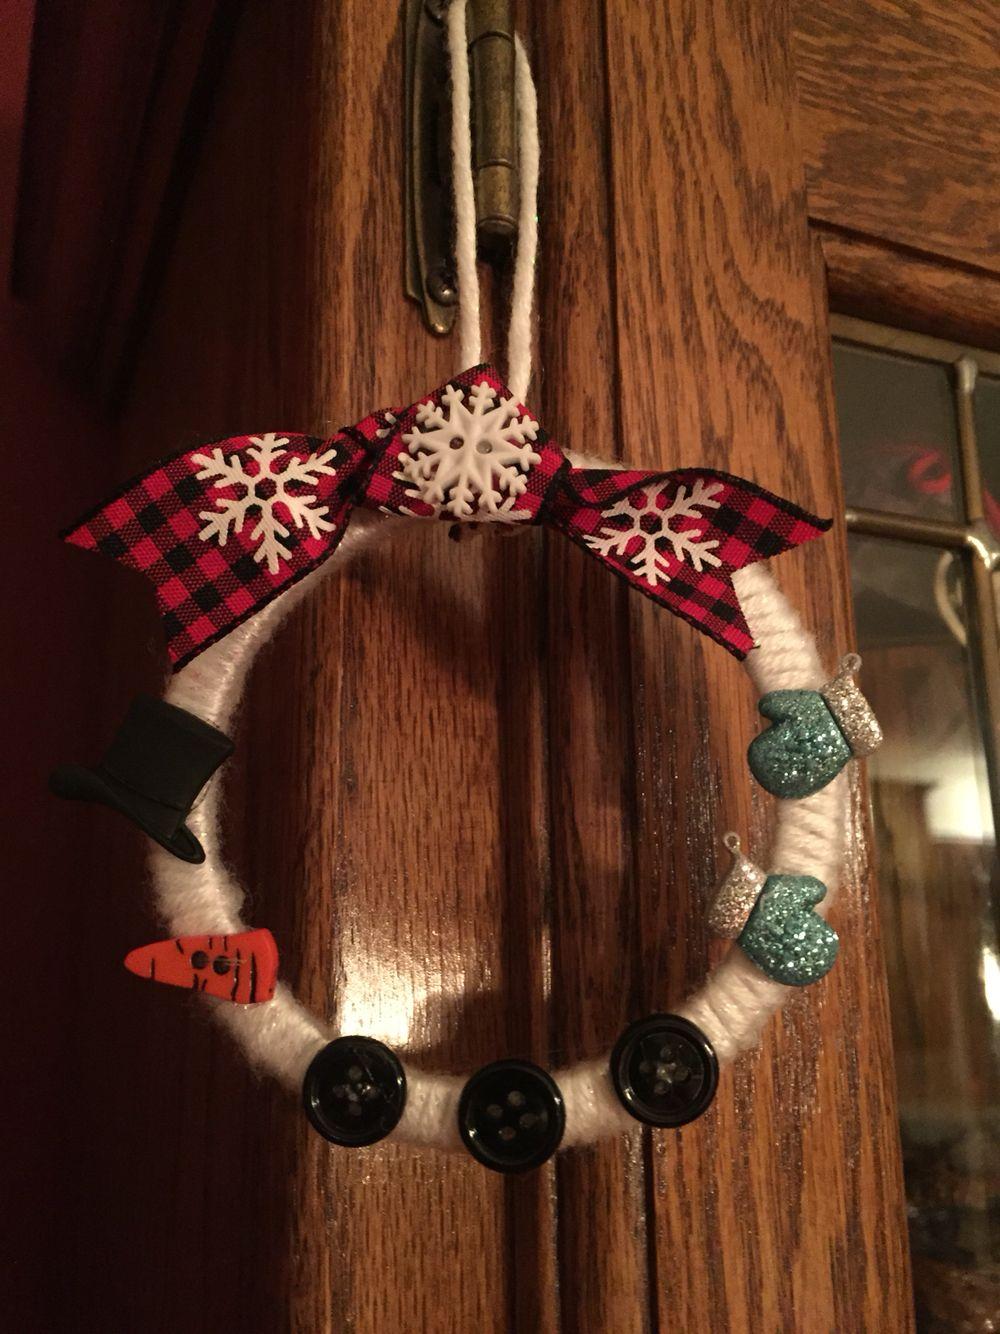 Melting Snowman ornament Snowman ornaments, Diy crafts